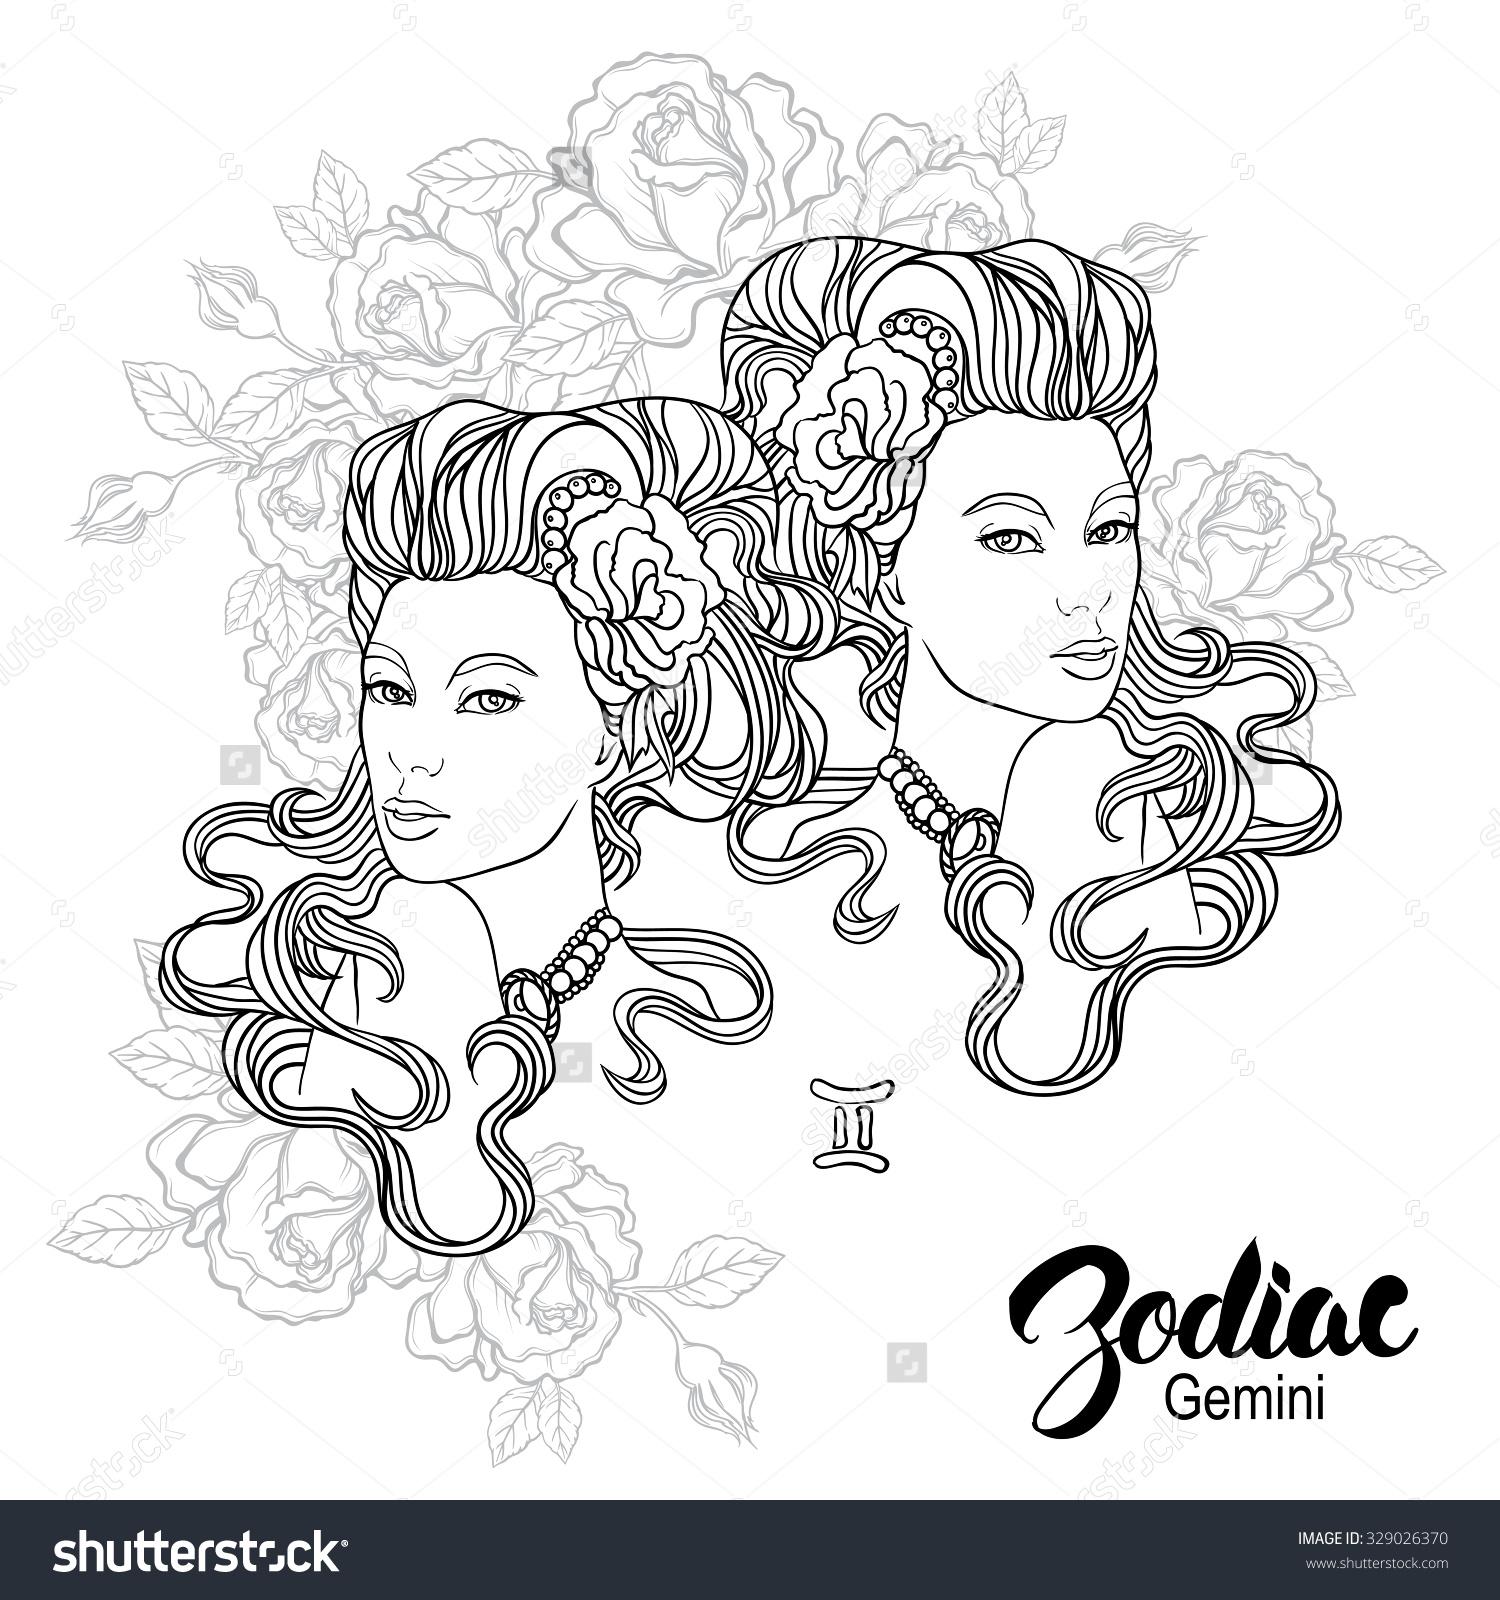 Gemini (Astrology) coloring #17, Download drawings